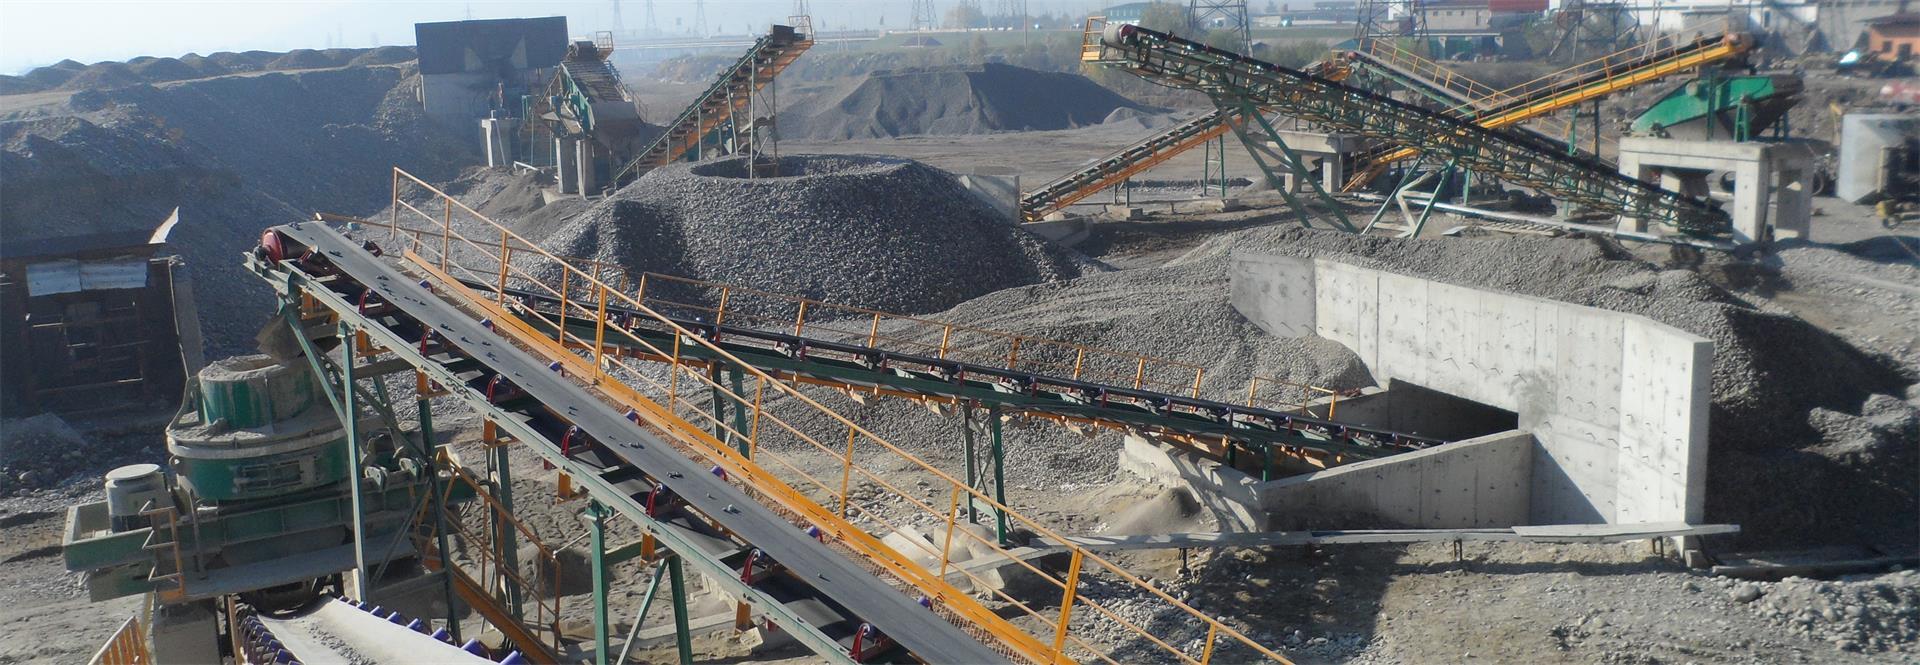 上海山美砂石料破碎机生产厂家